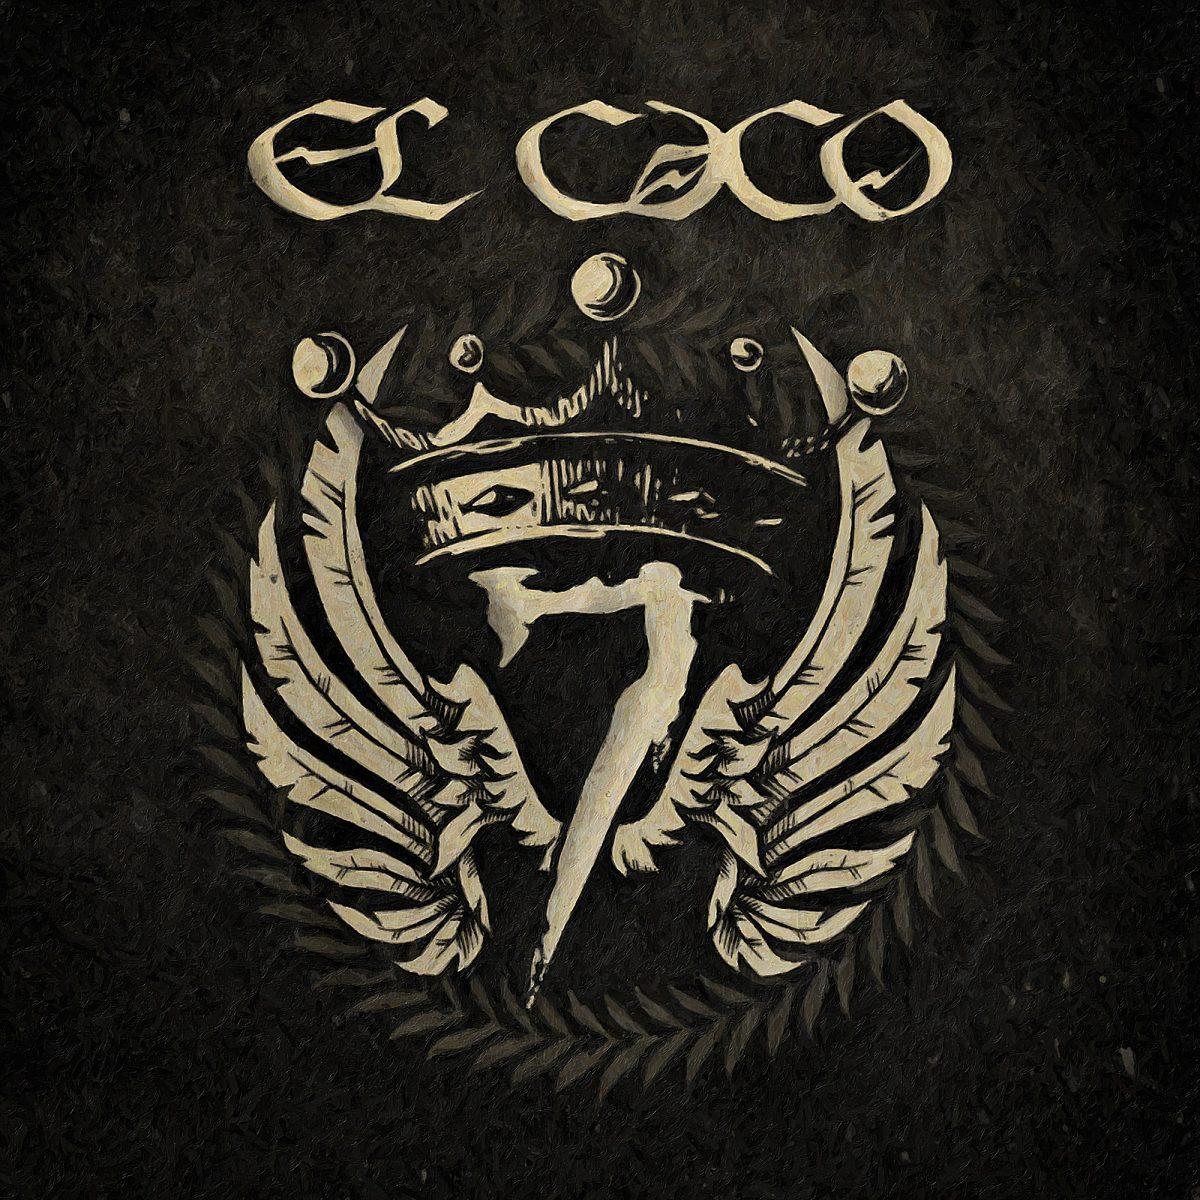 El Caco: 7 (2016)